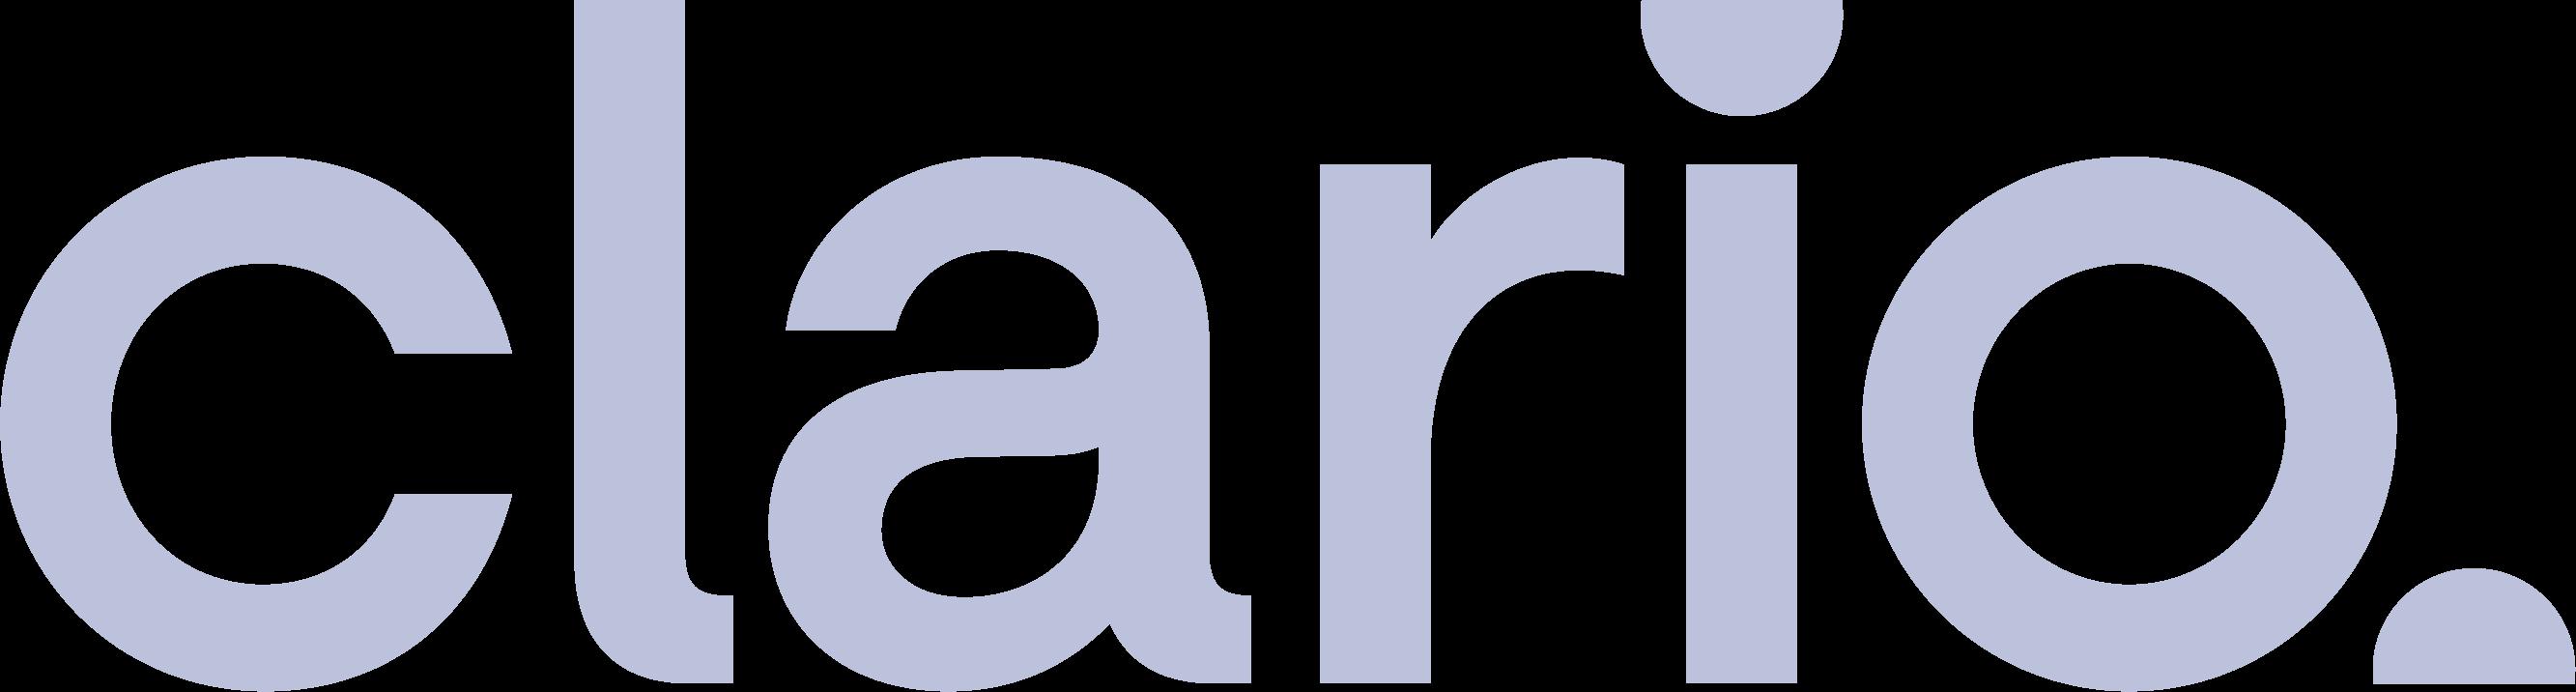 clario